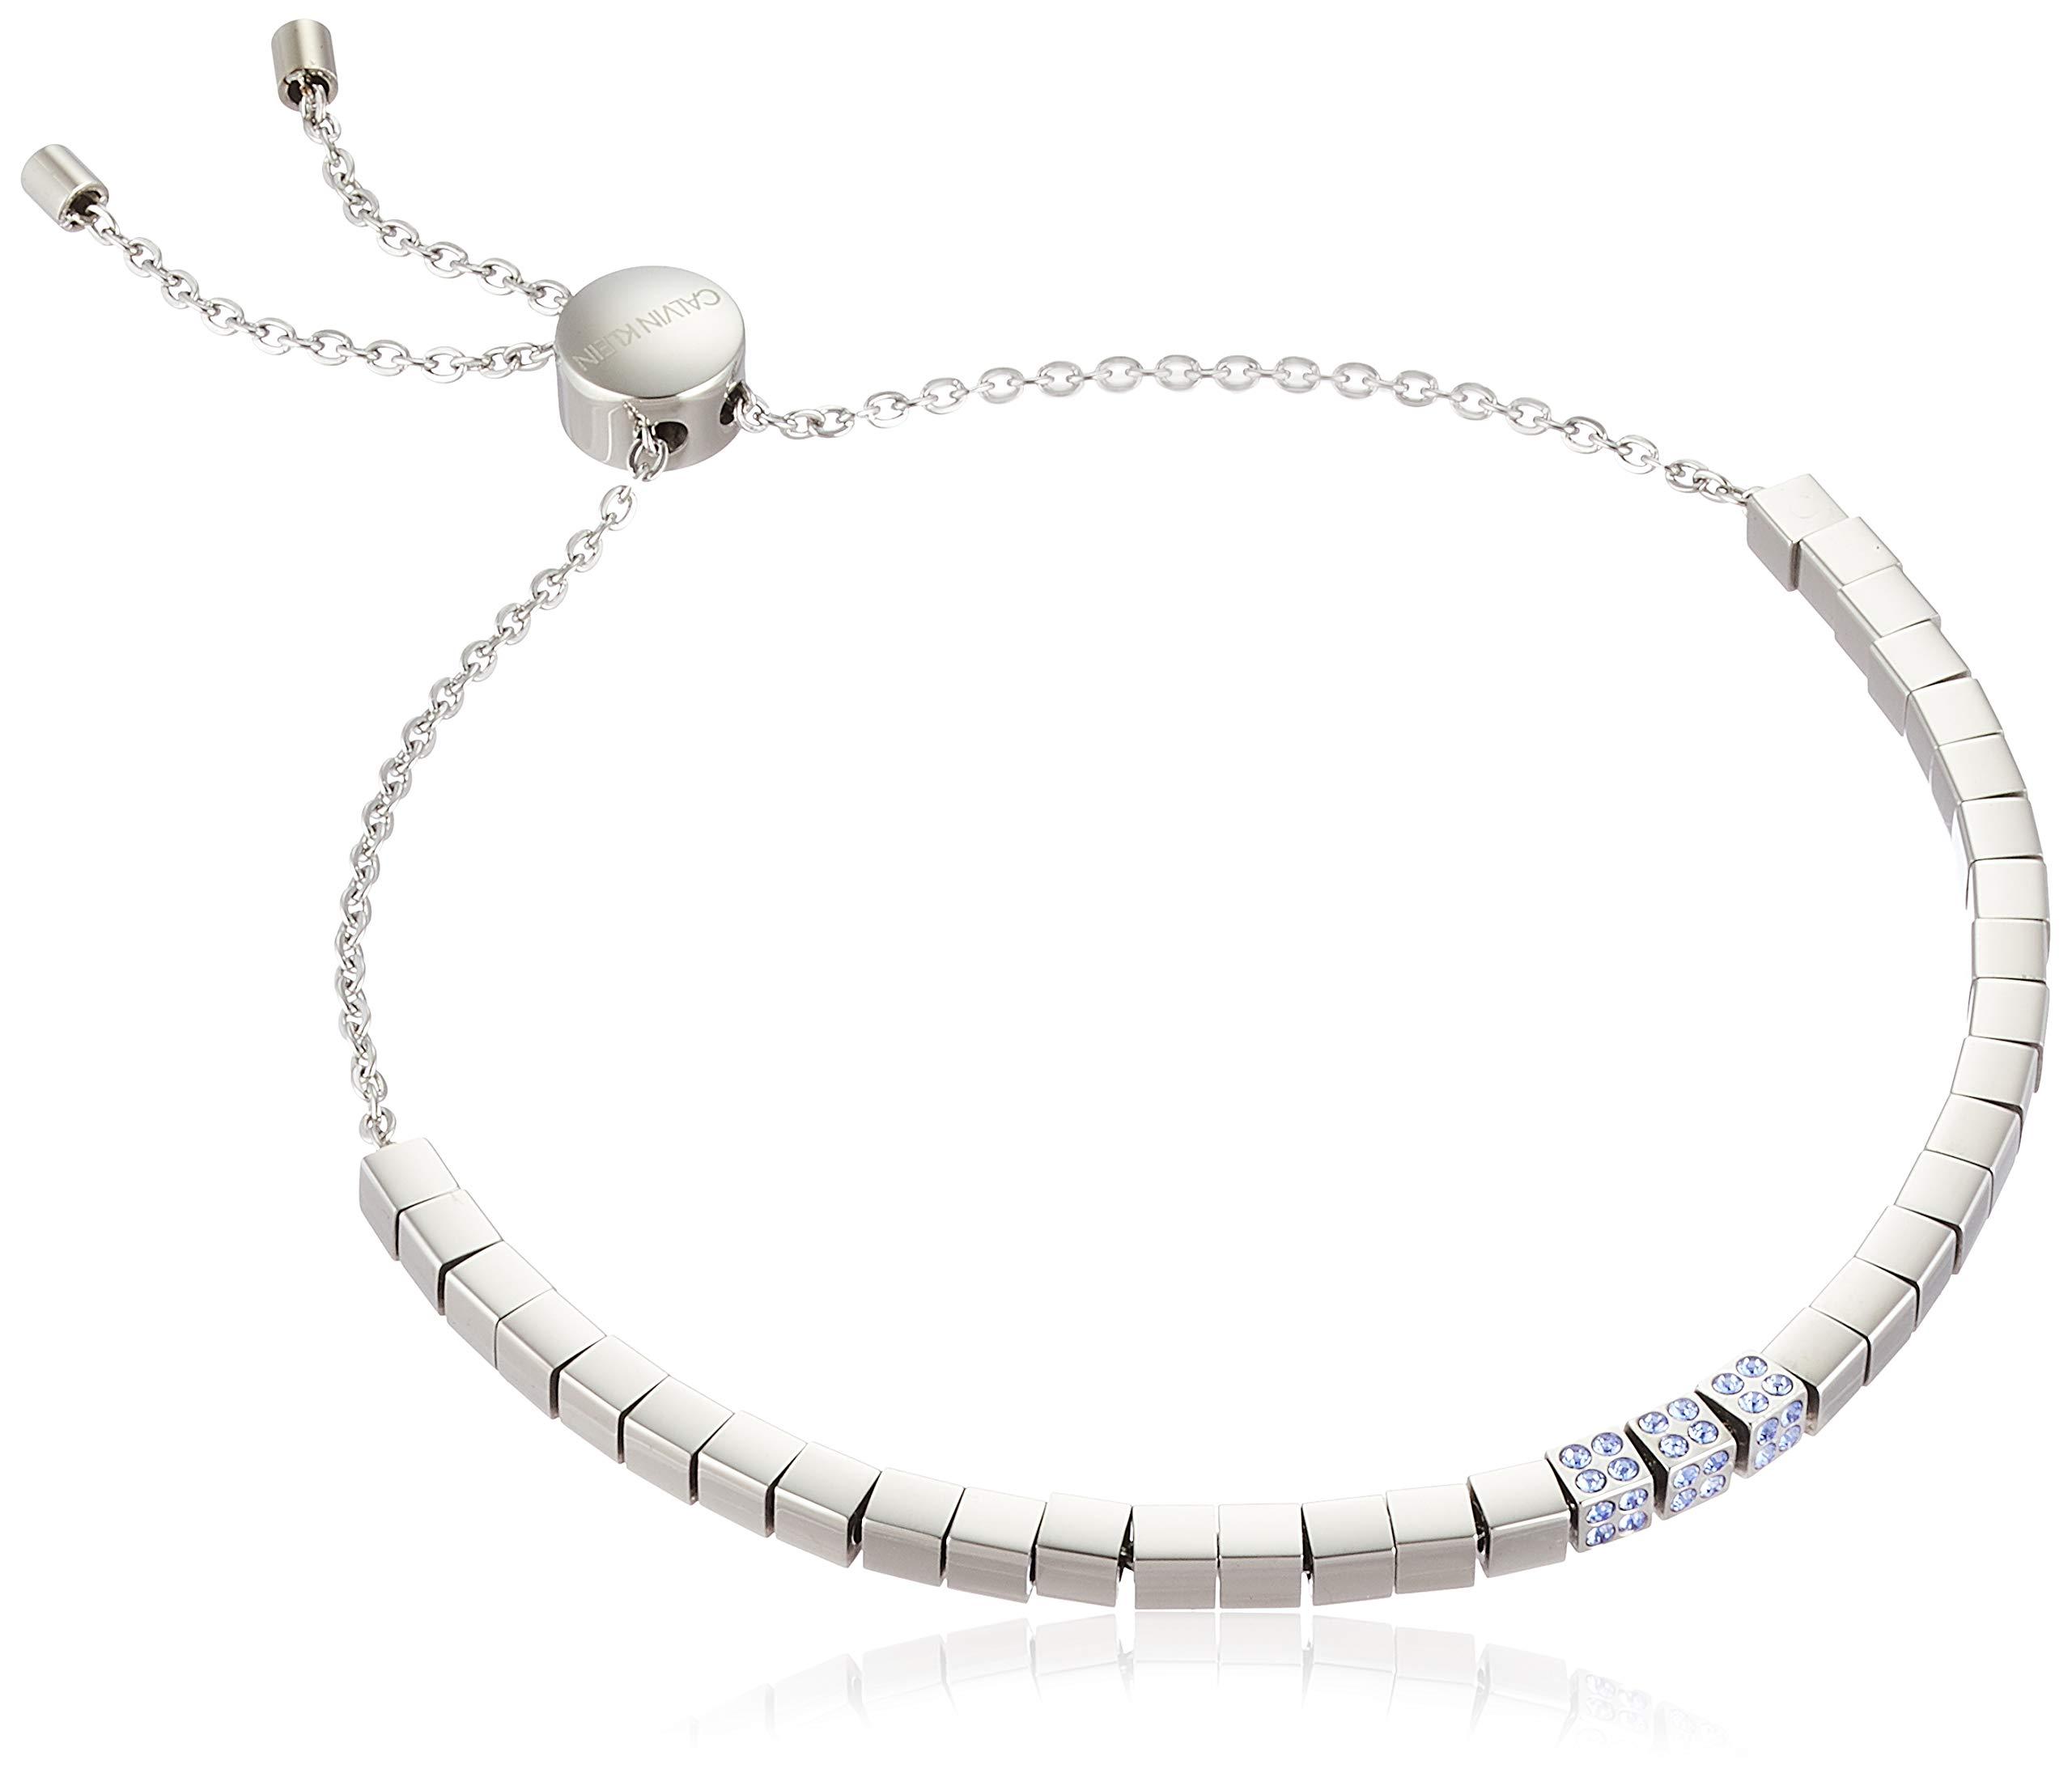 Damen-Charm-Armbänder Edelstahl KJ9MMB040400